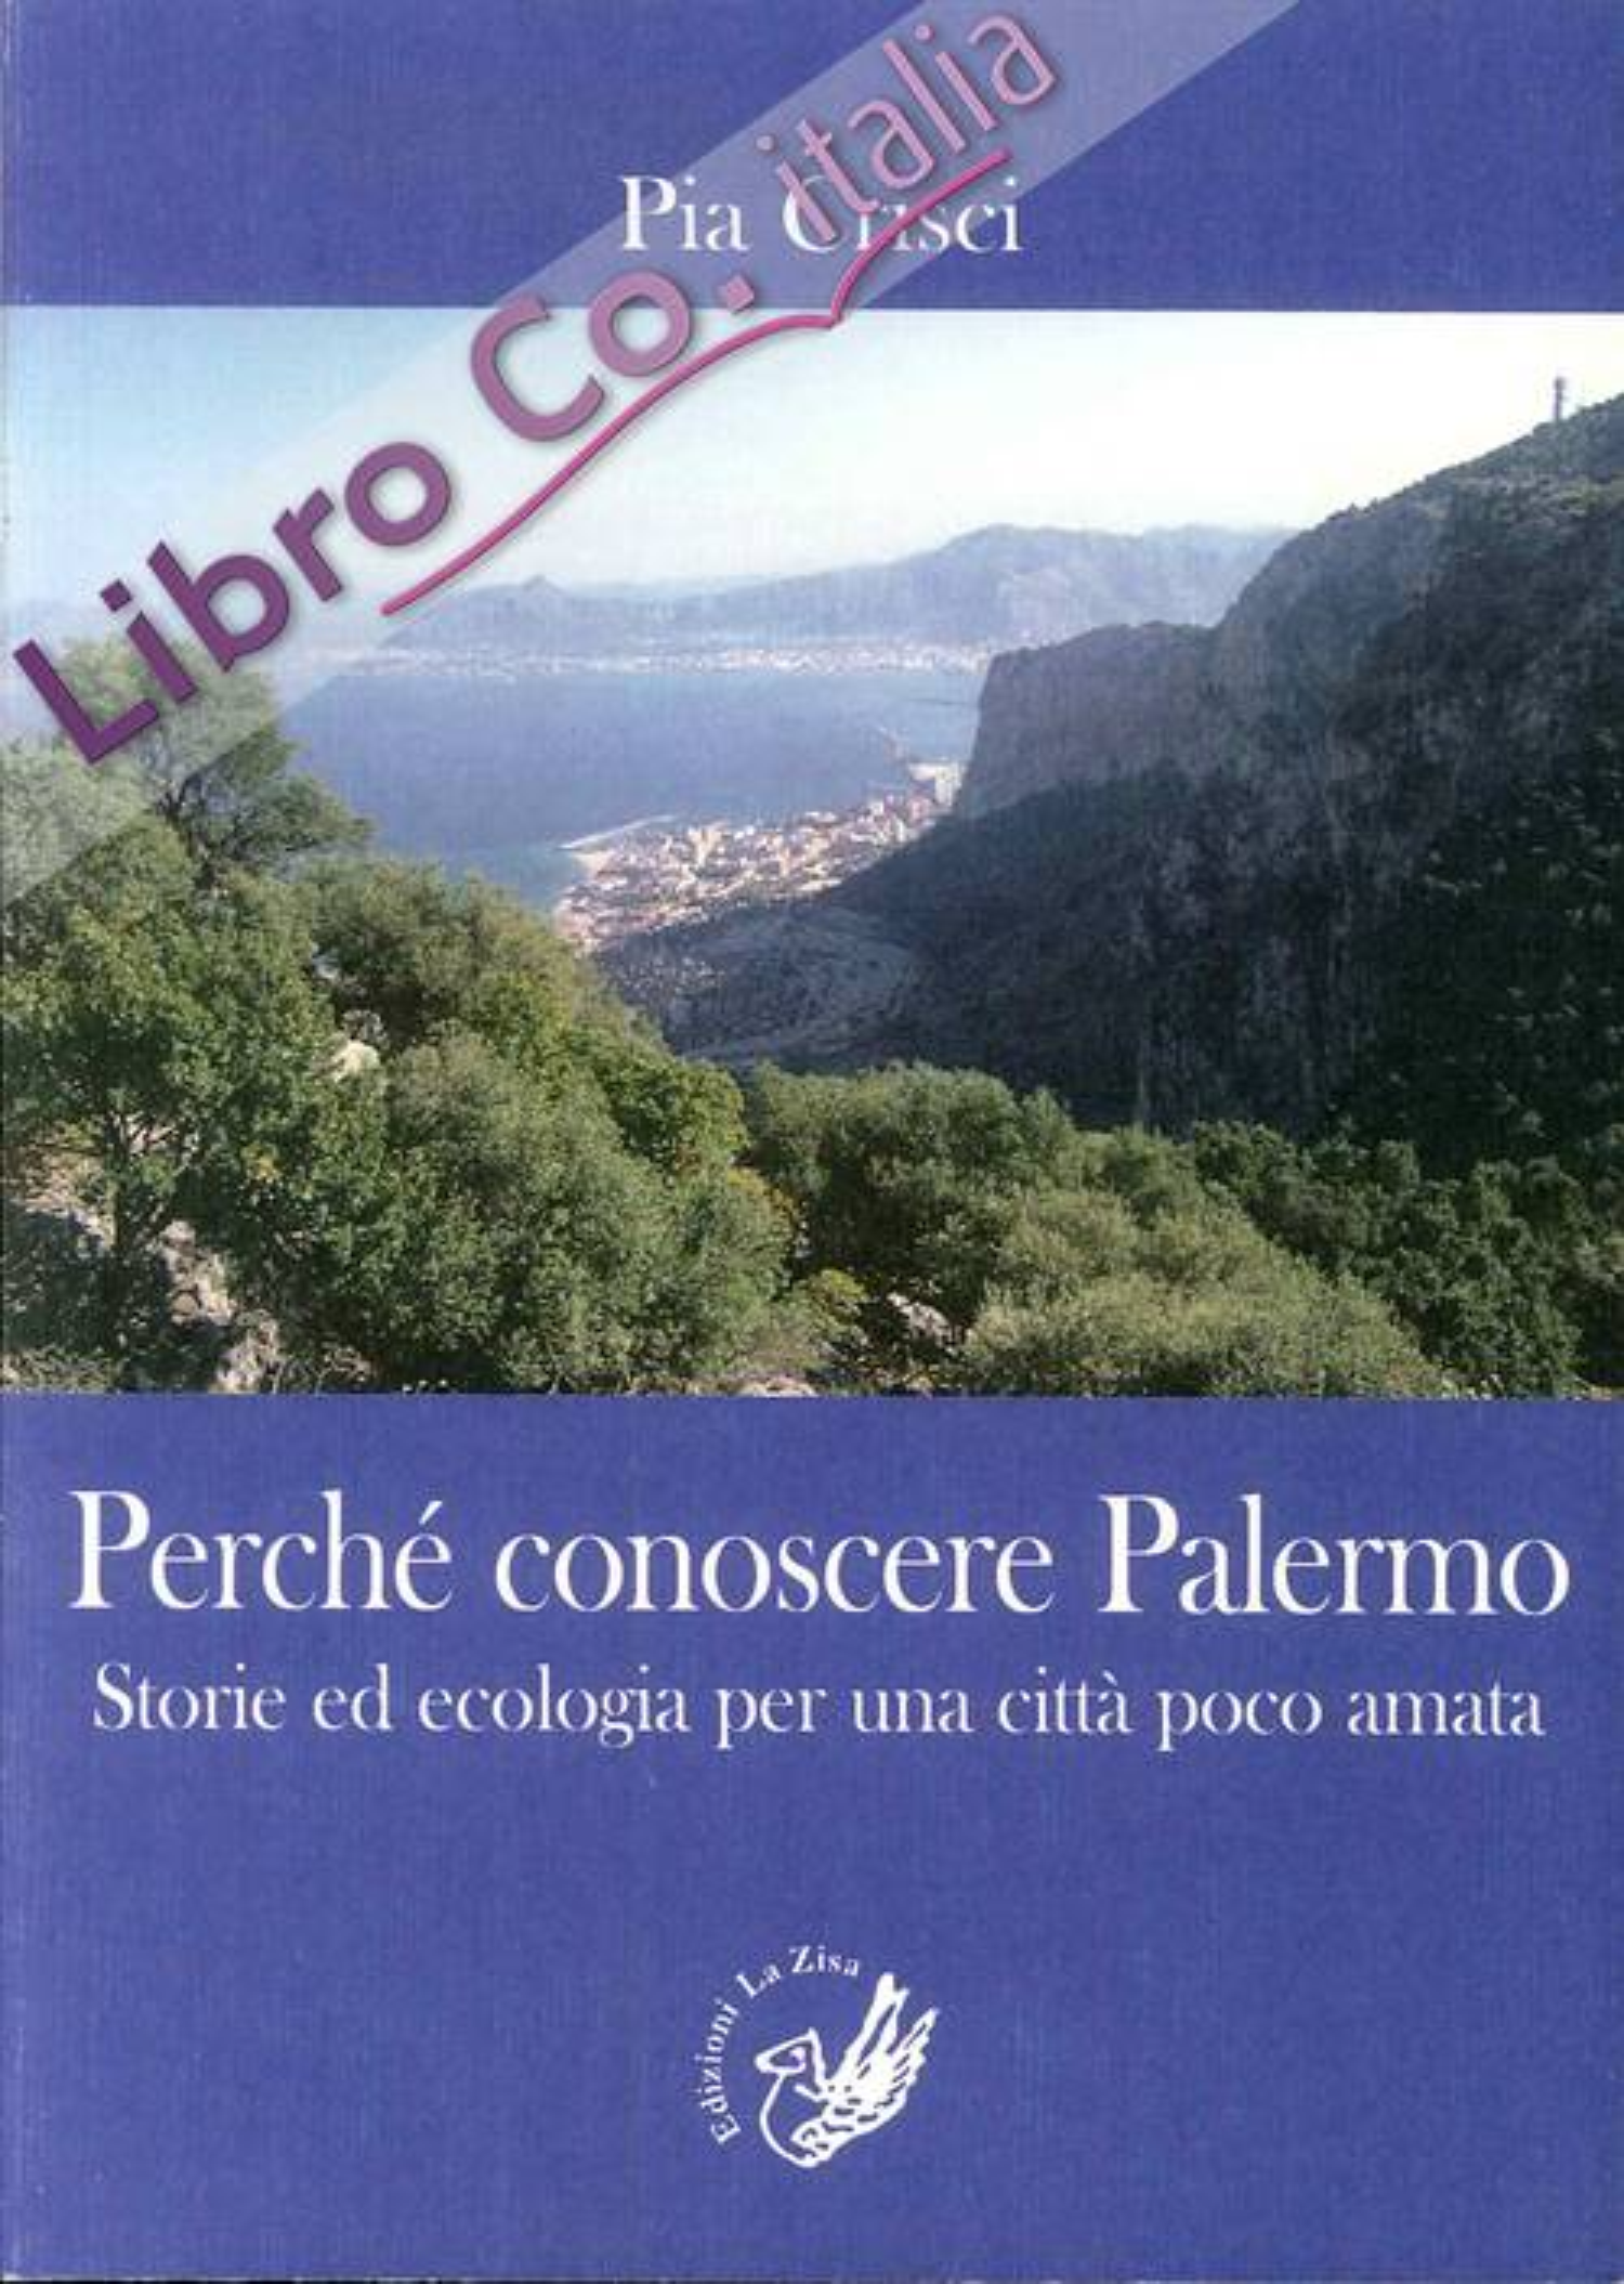 Perché conoscere Palermo. Storie ed ecologia per una città poco amata